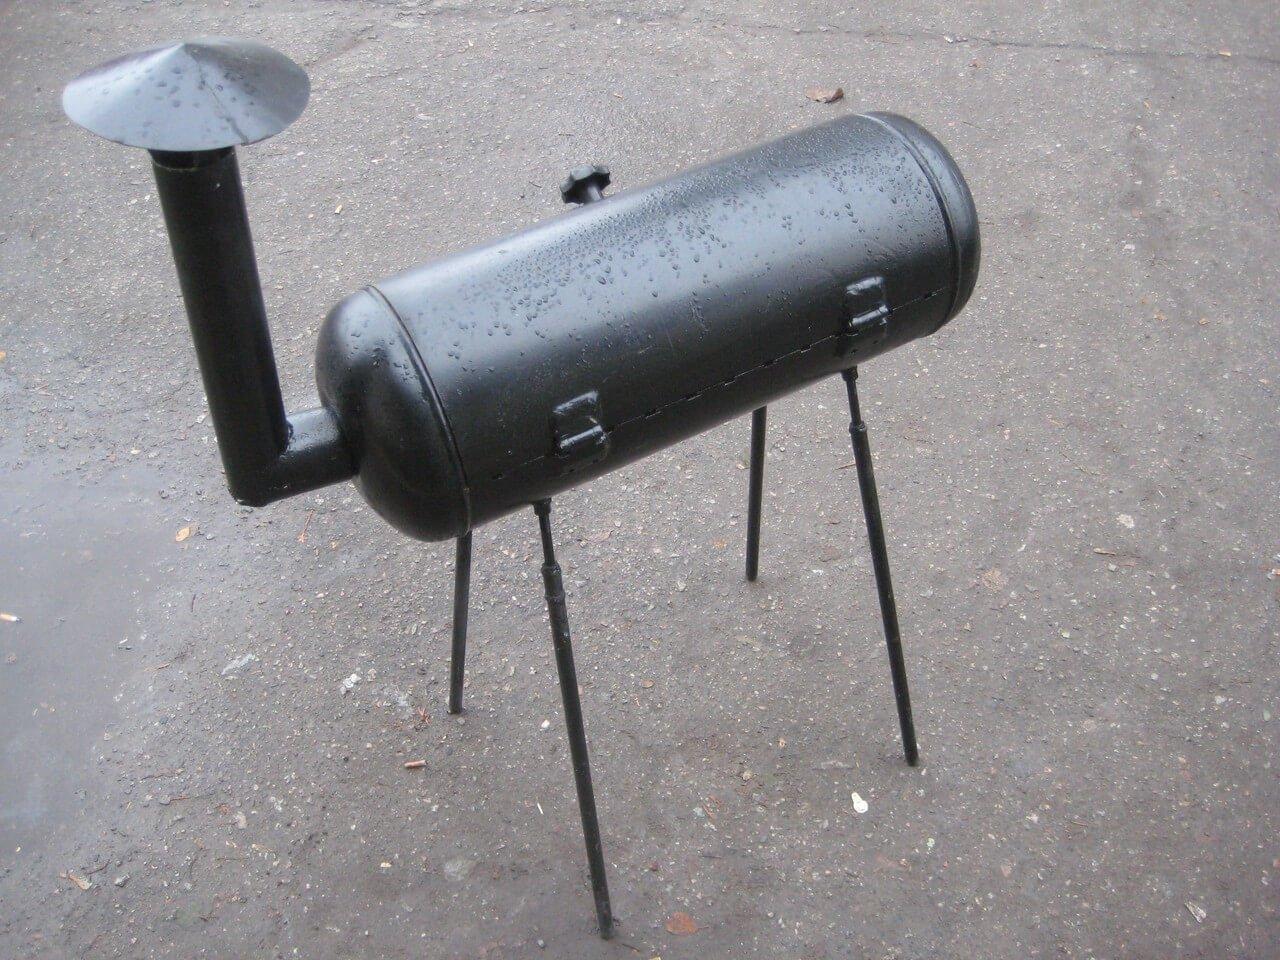 Фото мангала из черного газового баллона